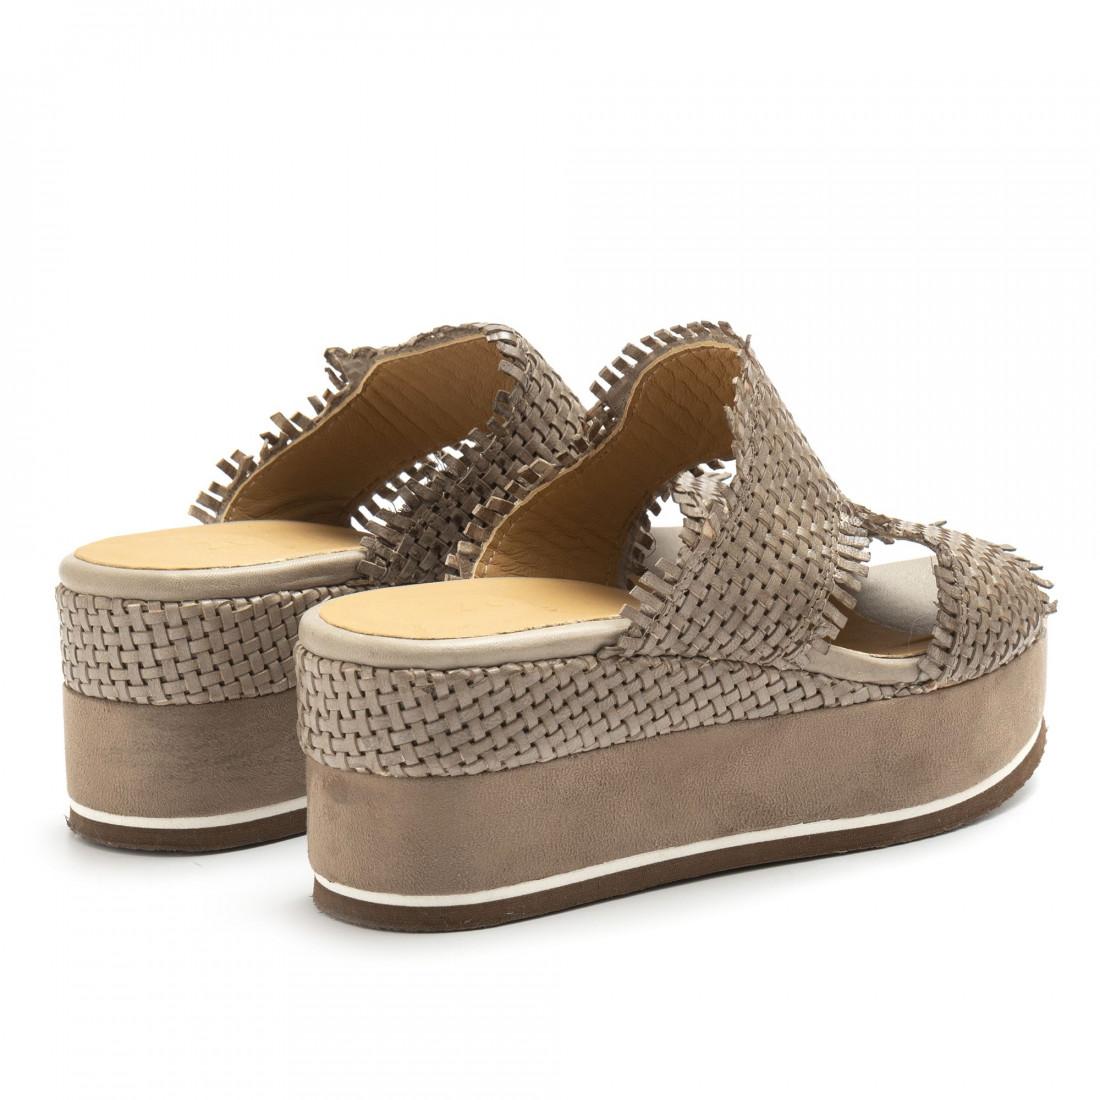 sandals woman zoe mary 054intreccio taupe 4836